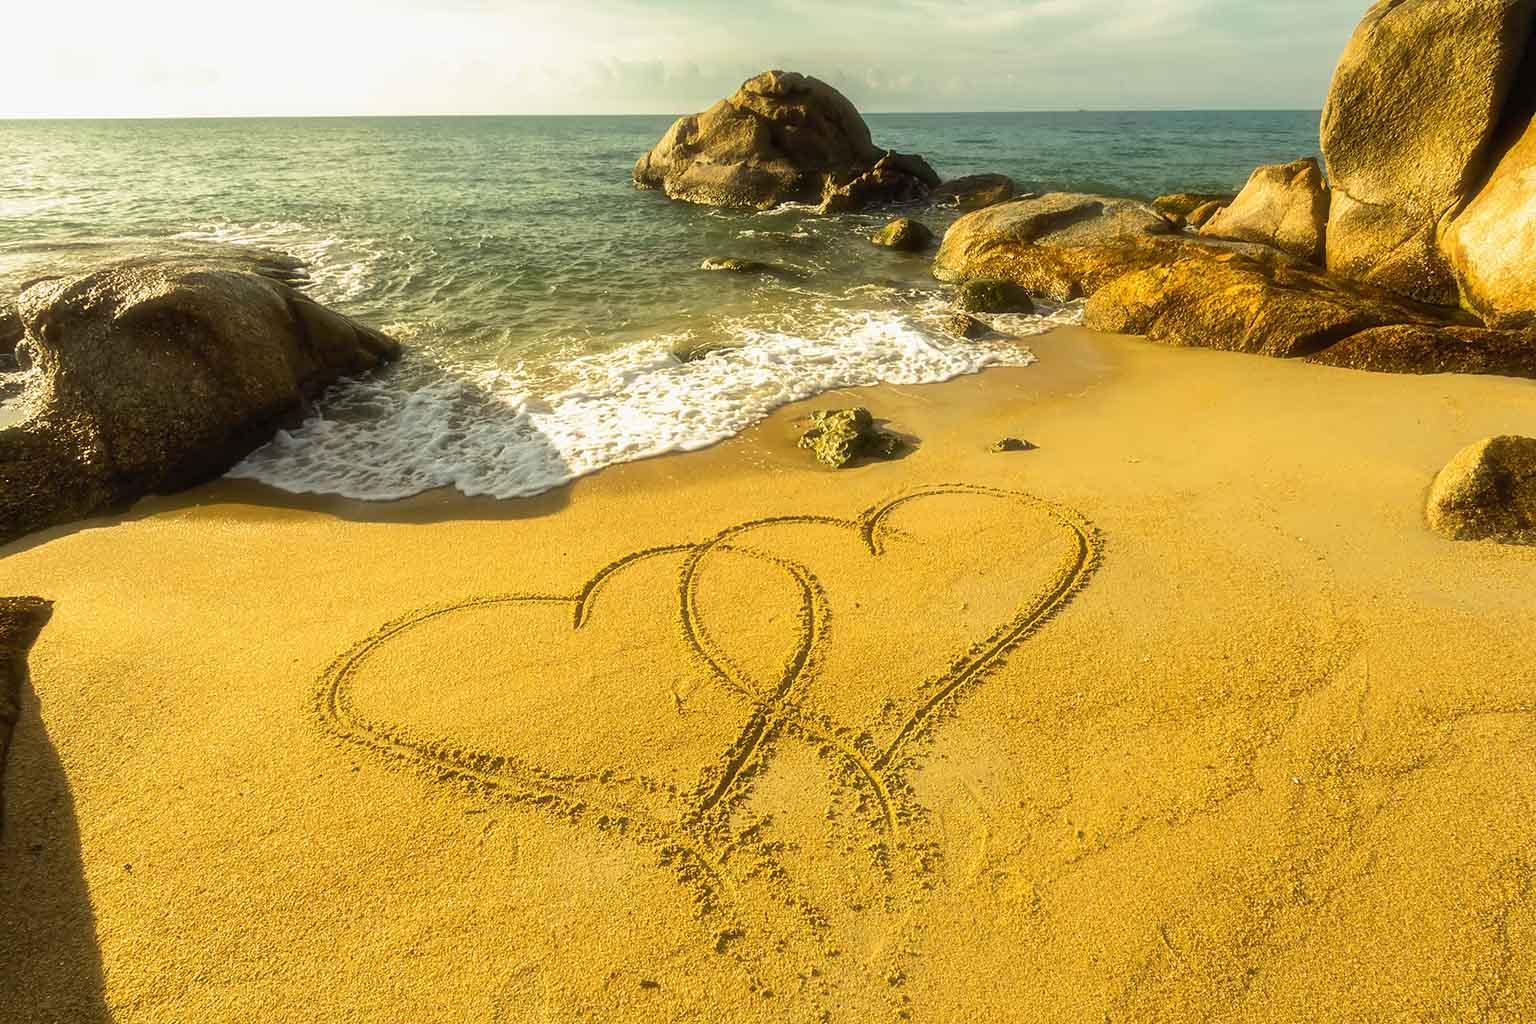 corazones dibujados en la arena, junto a la costa del mar, esperando sorprender a una chica con una de las formas más originales de pedir matrimonio